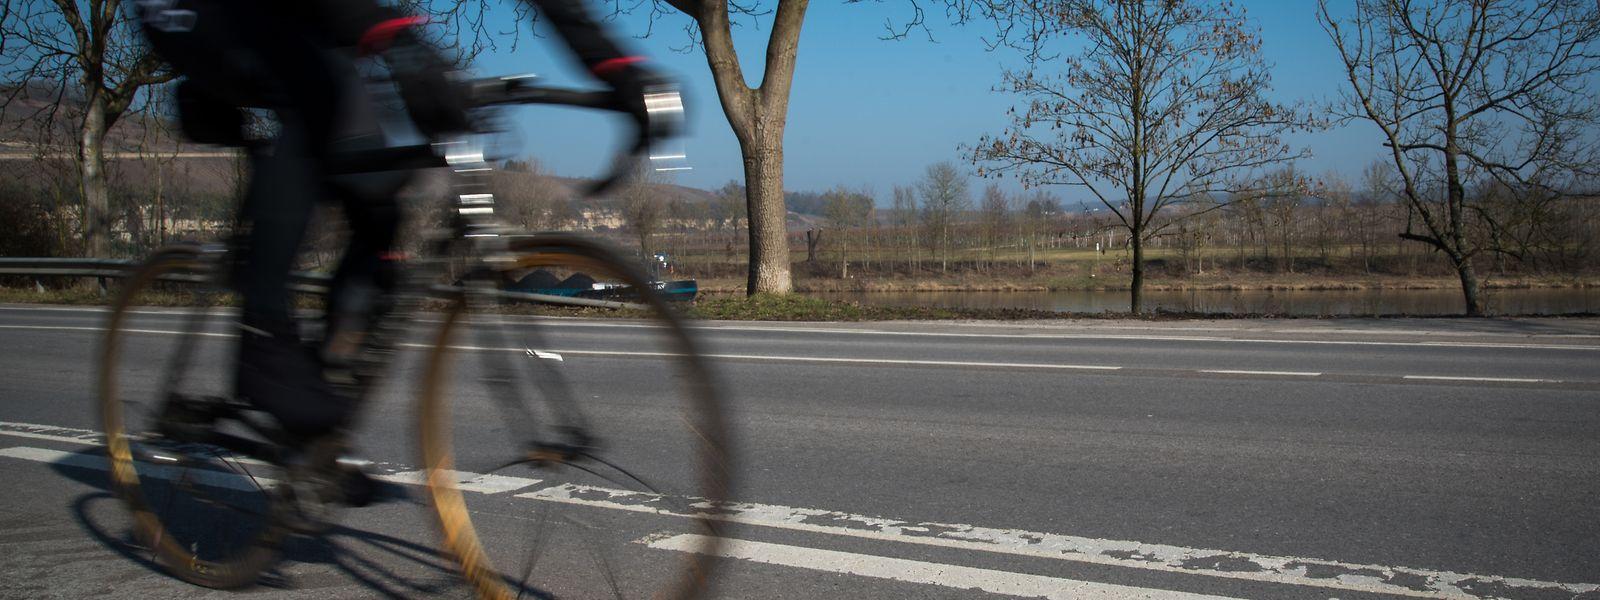 Das Fahrrad als Verkehrsmittel soll weiter gefördert werden.